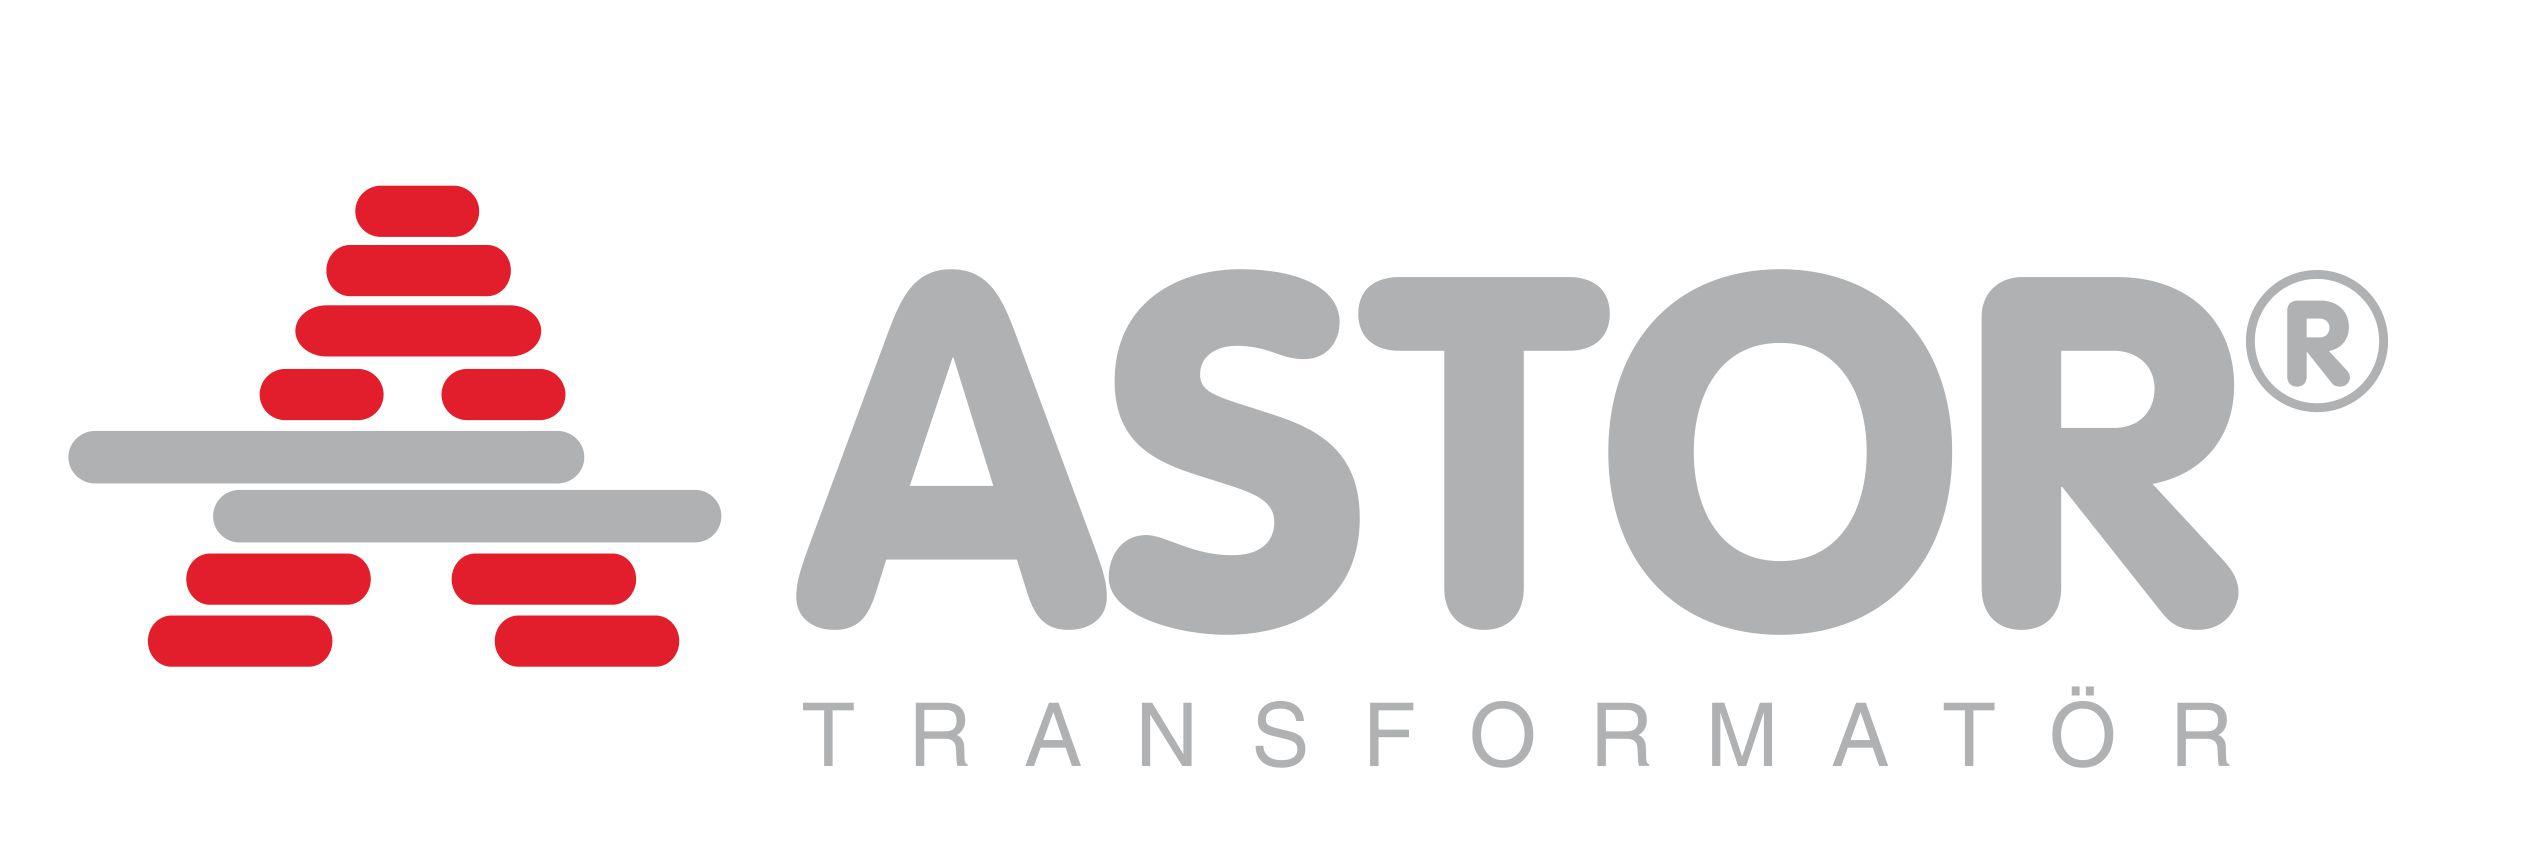 Astor Transformator